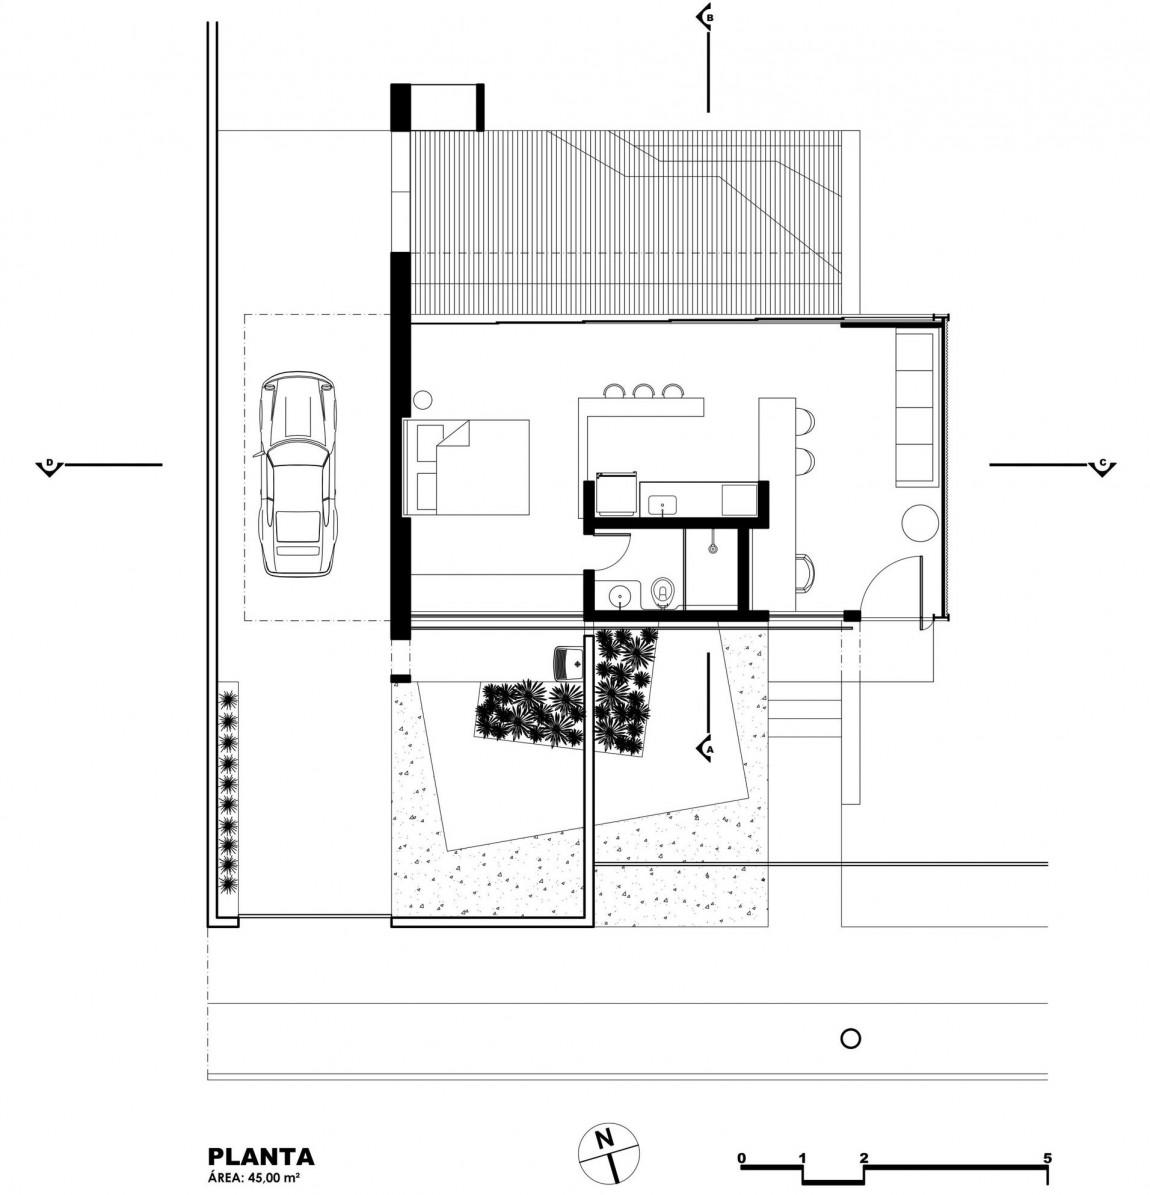 Arsitektur rumah mewah namun mungil bergaya modern karya Alex Nogueira [Sumber: construyehogar.com]